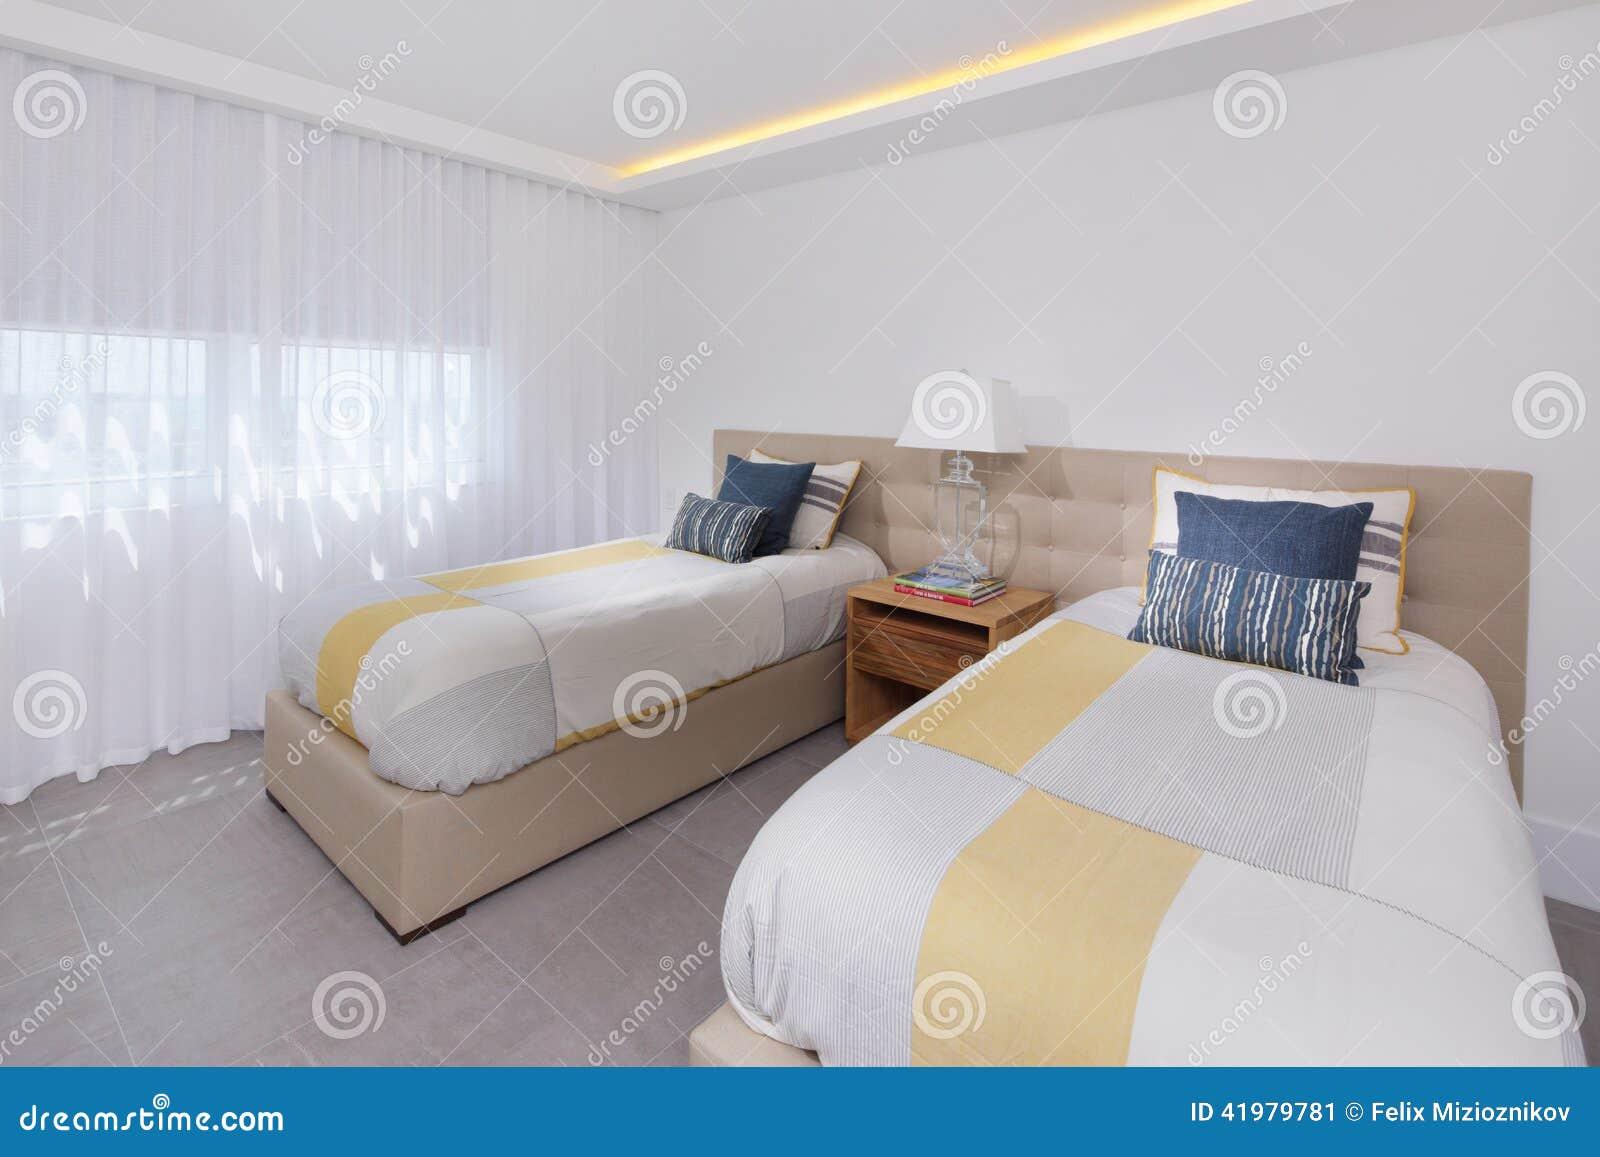 Camera Da Letto Moderna Del Condominio Di Immagine Di Riserva Immagine Stock - Immagine: 41979781